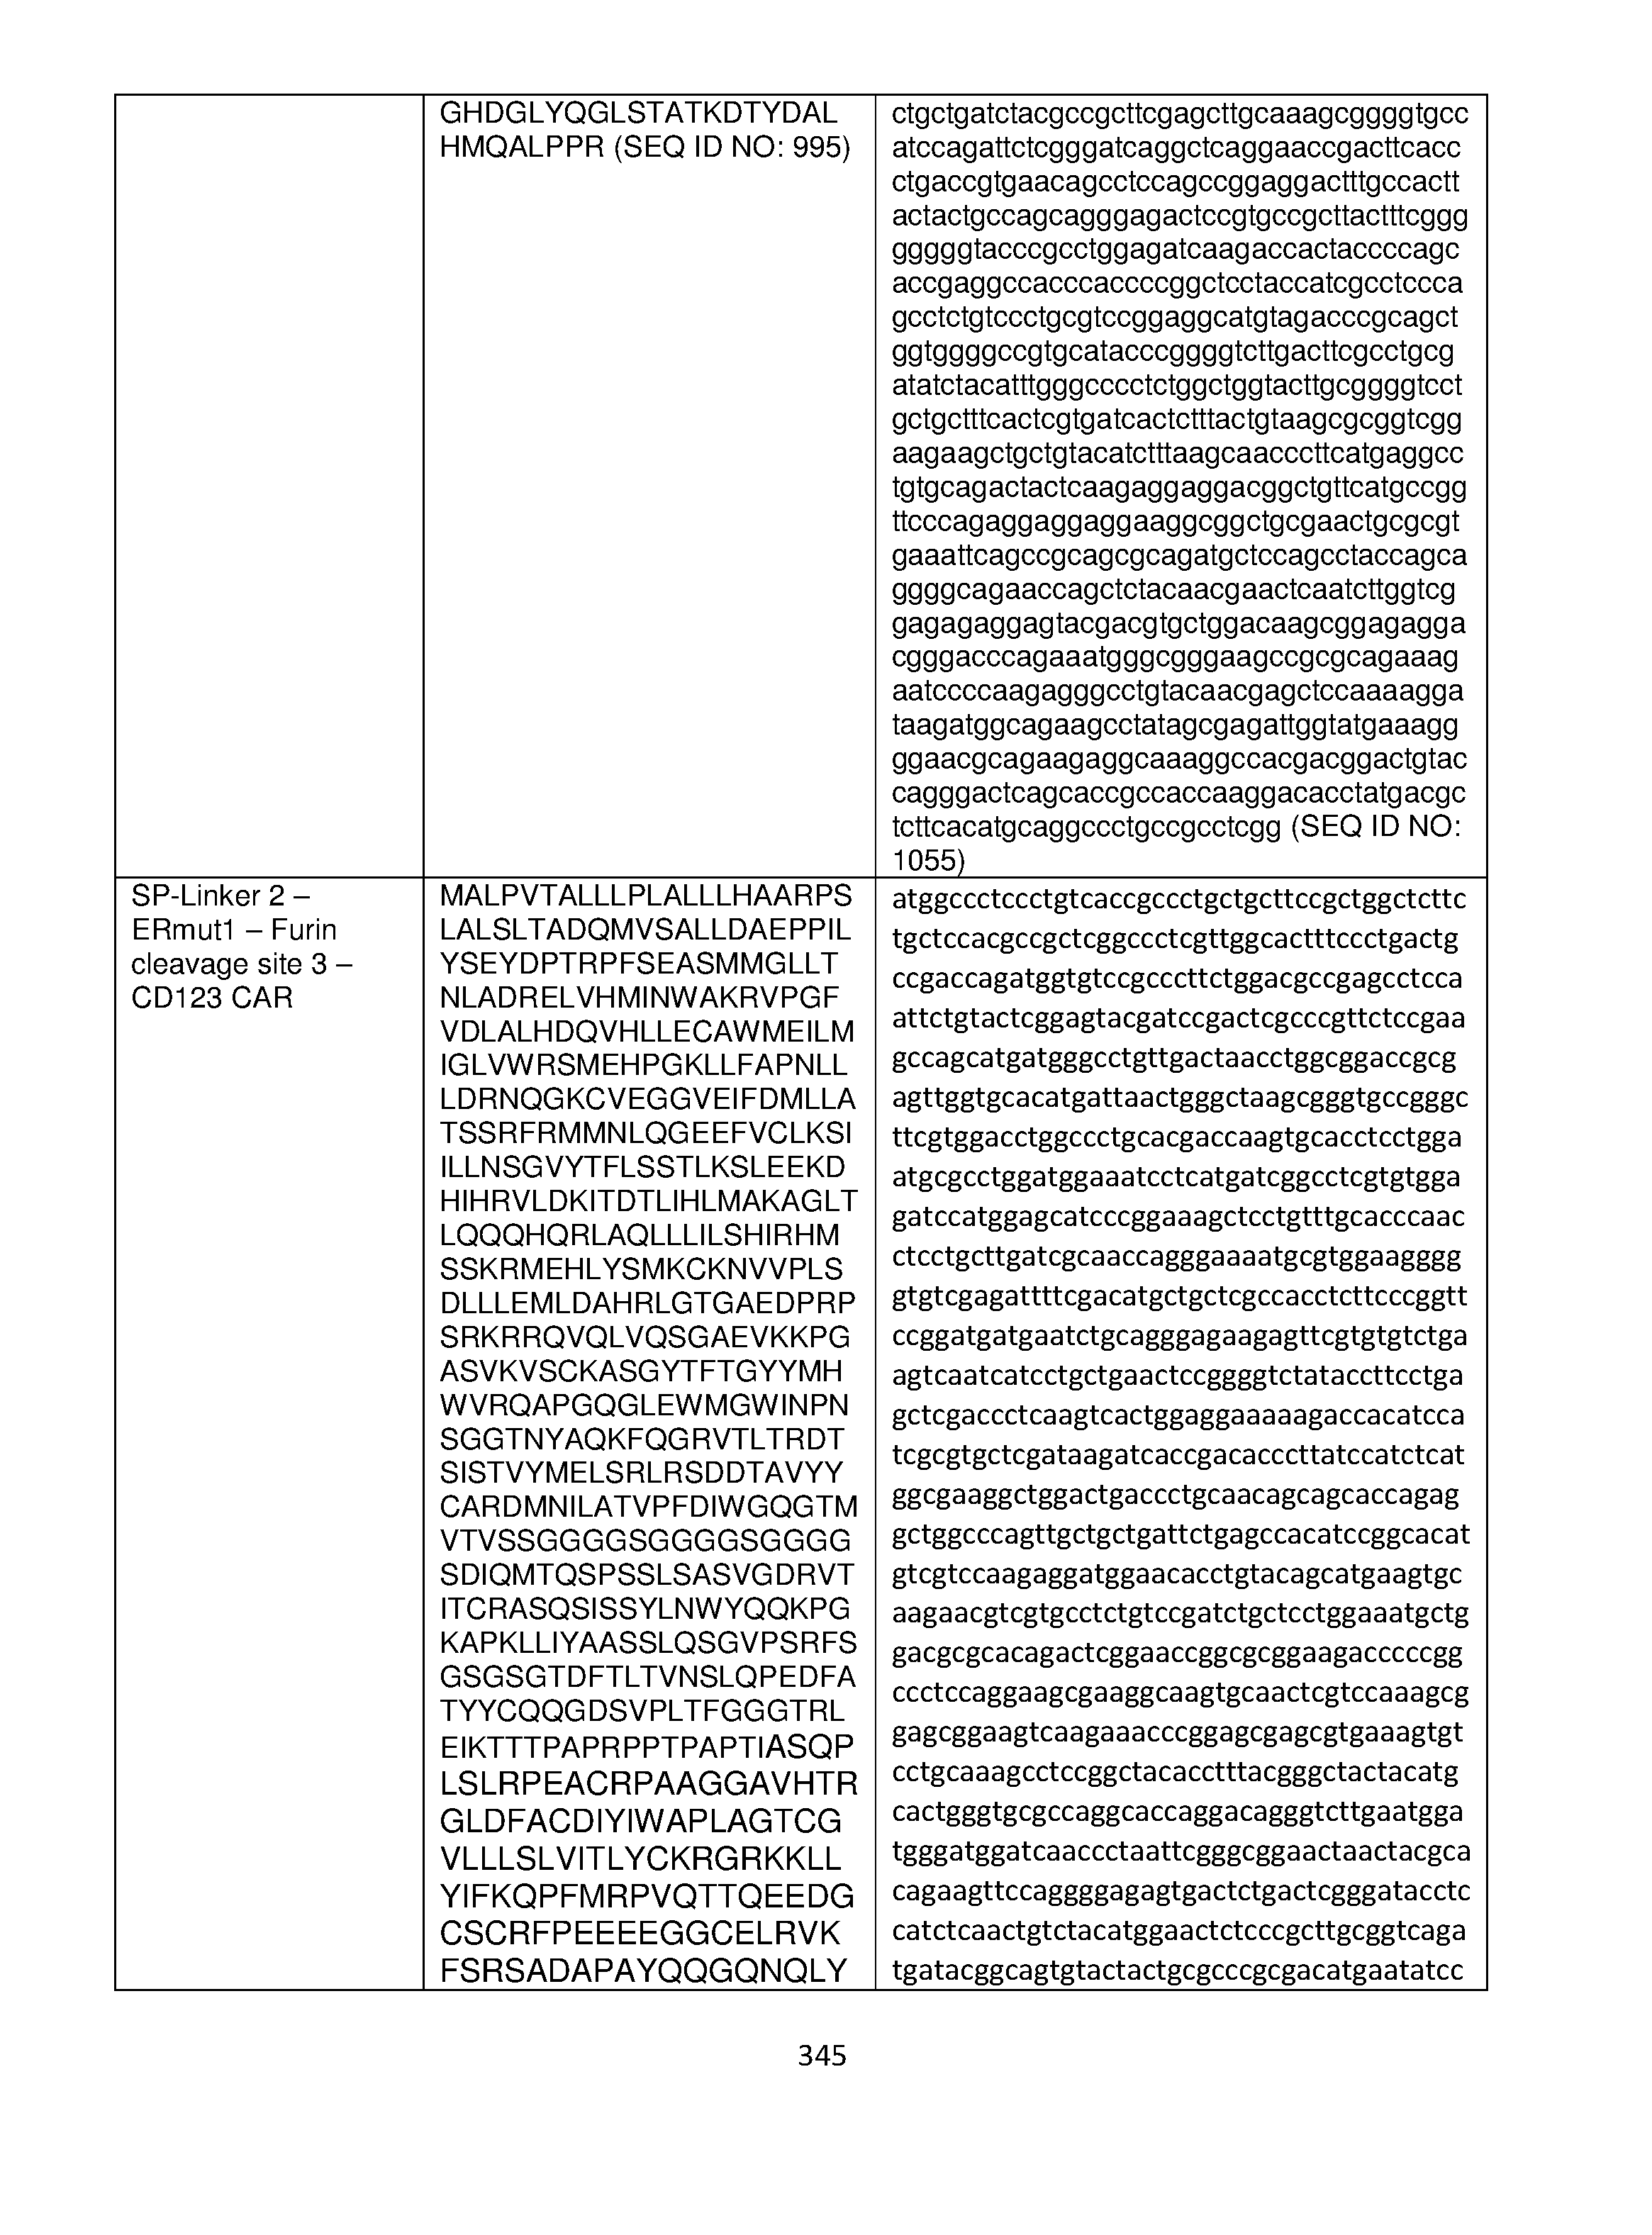 Figure imgf000346_0001